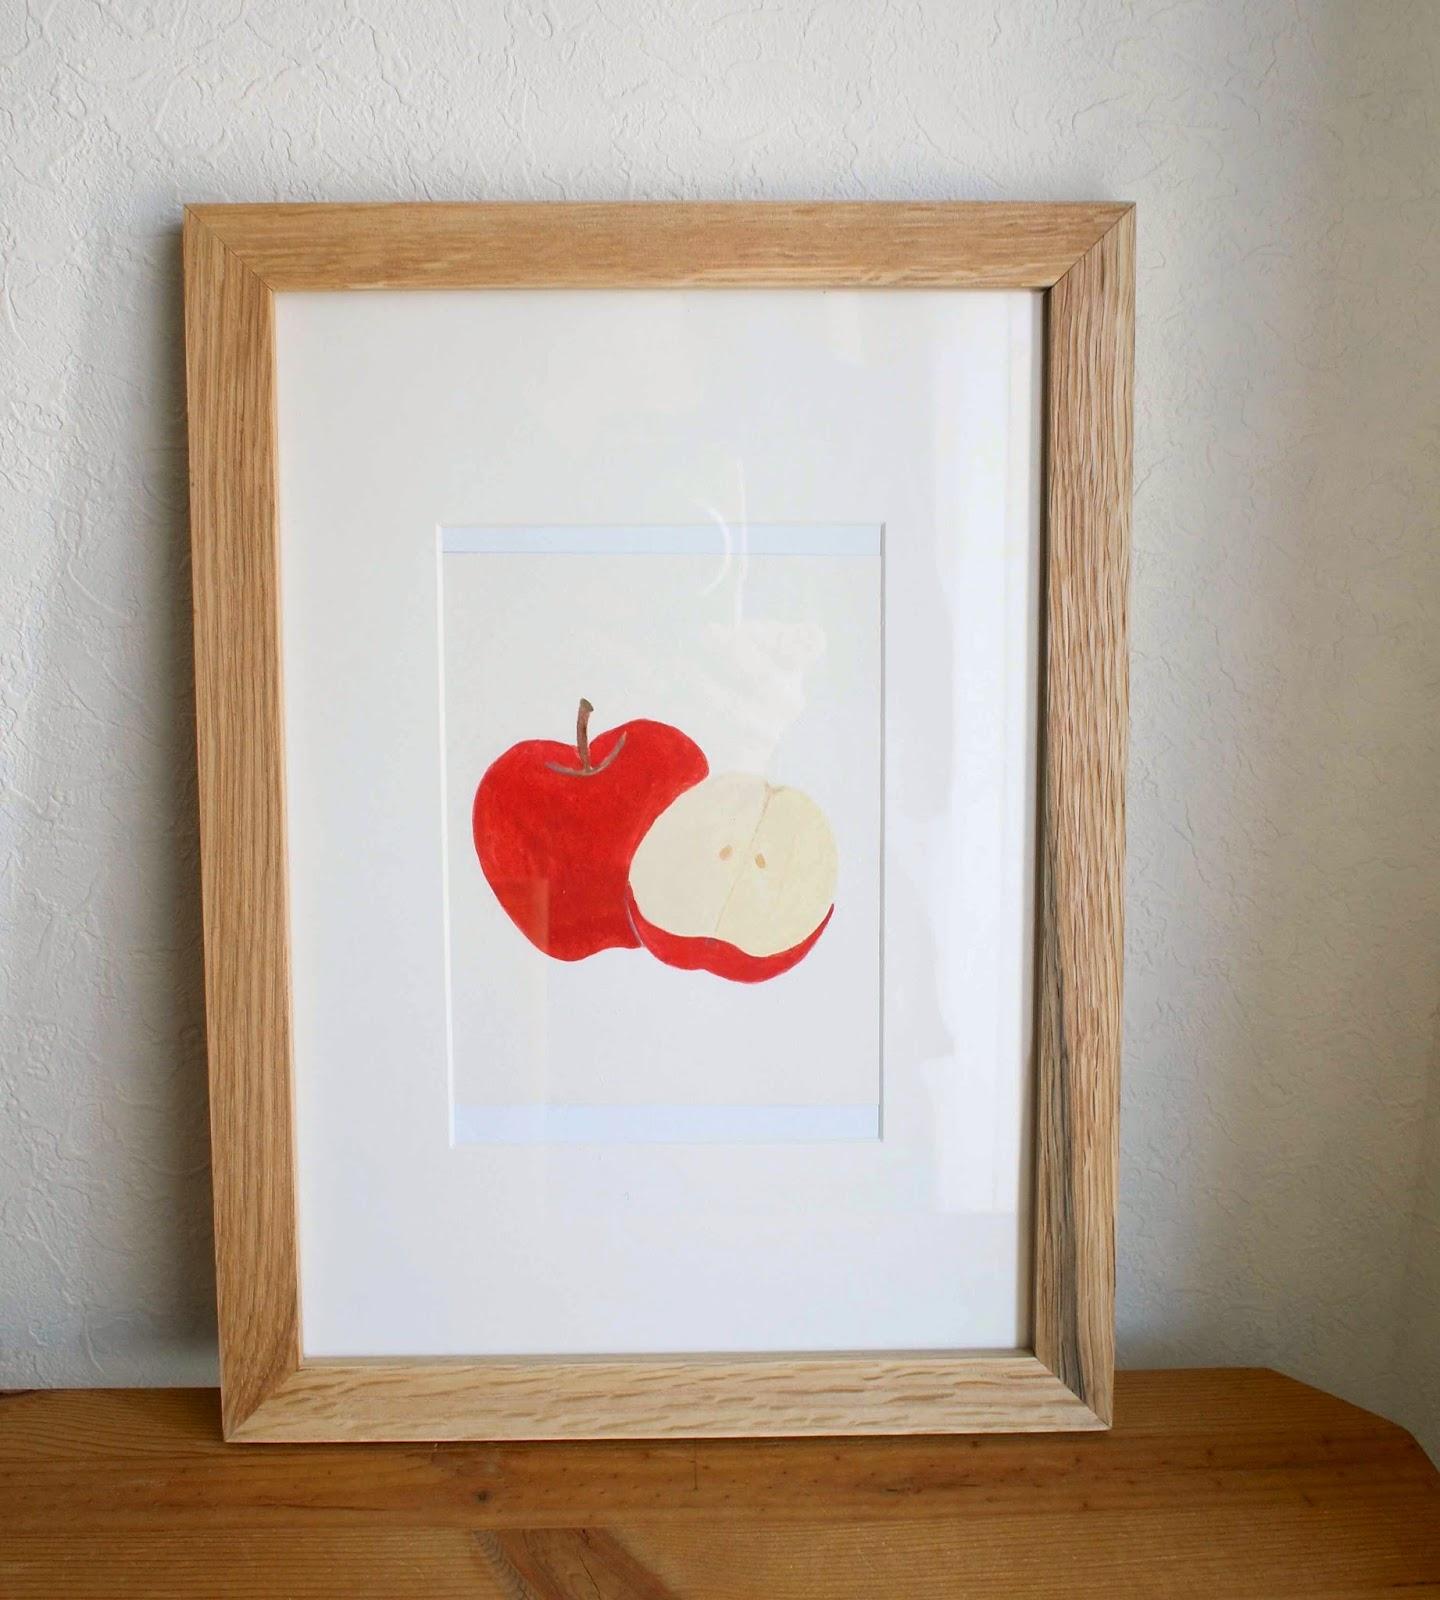 今回描いた食材のひとつ、りんご。